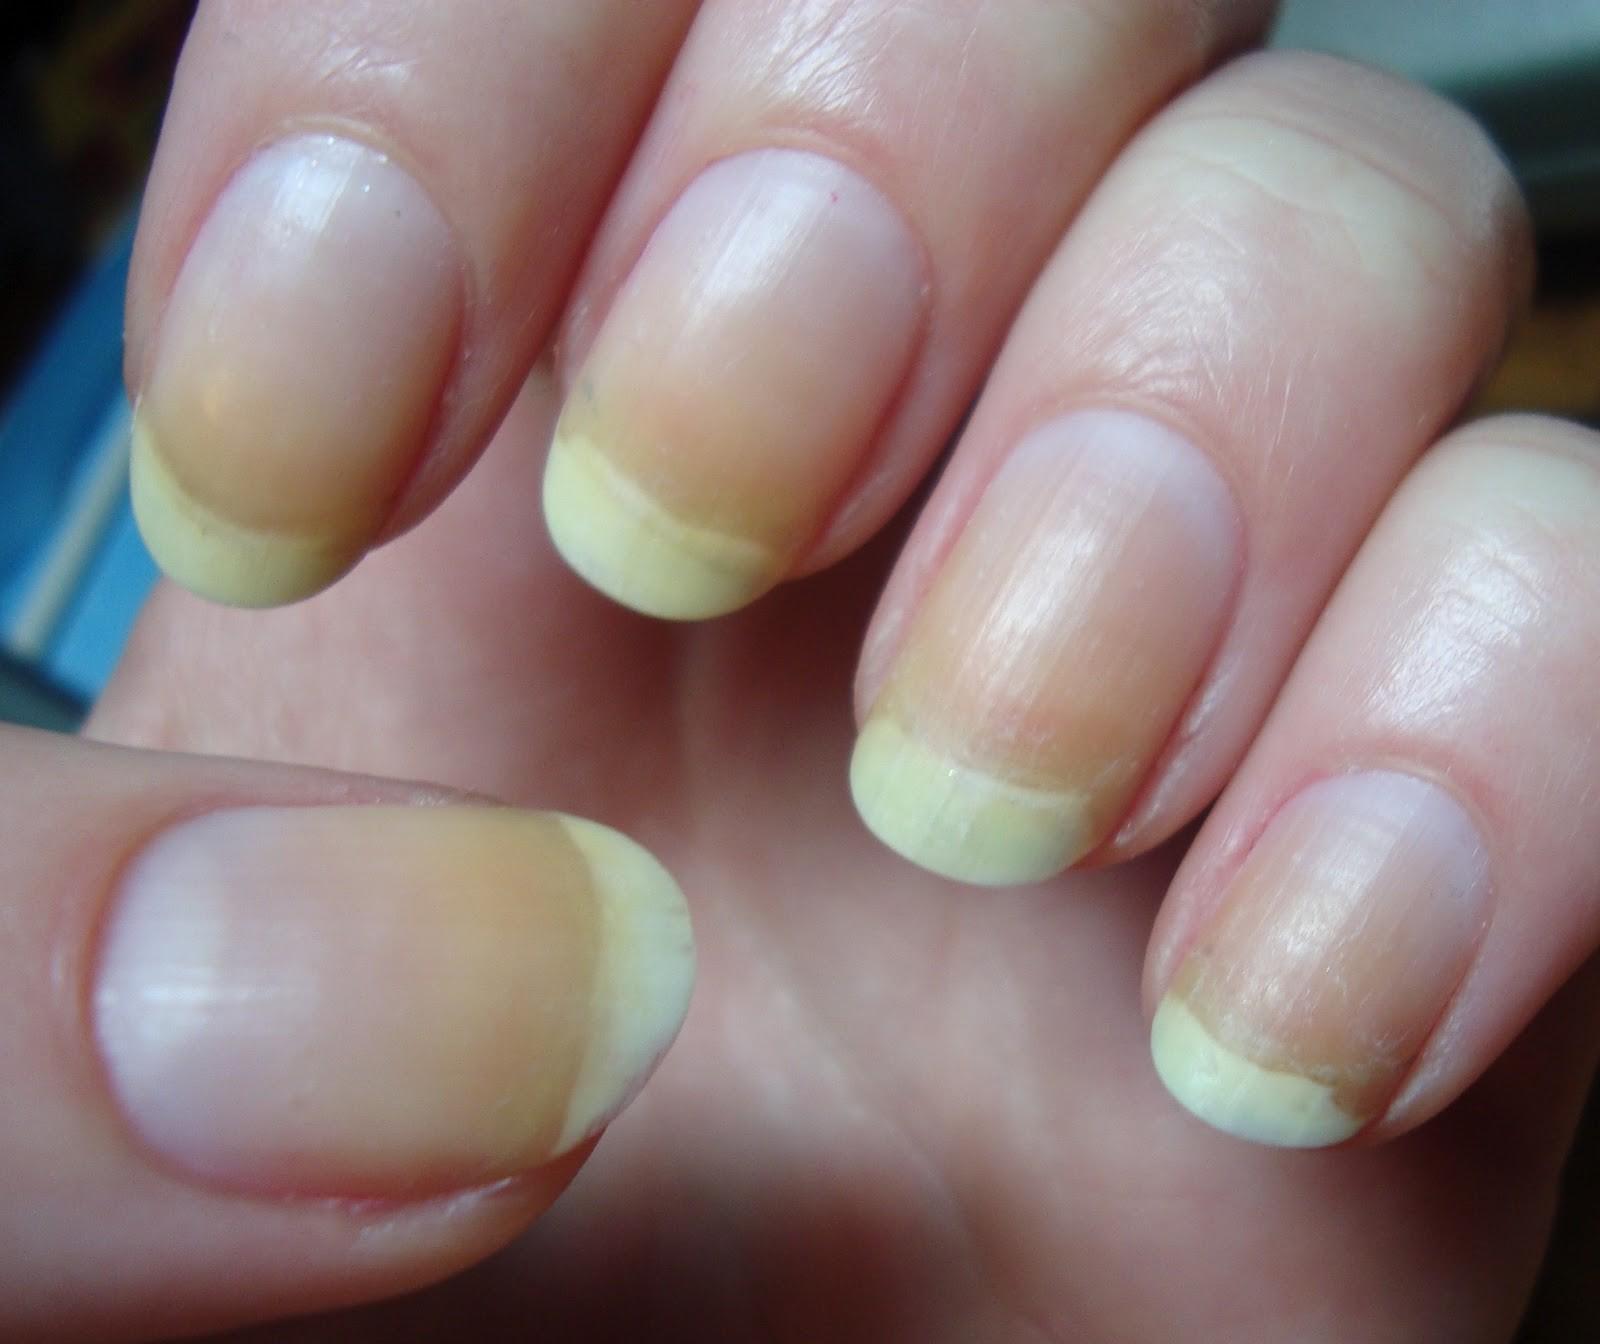 Móng tay có những biểu hiện này rất dễ kéo theo nhiều vấn đề sức khỏe nguy hại mà bạn không nên coi thường - Ảnh 1.